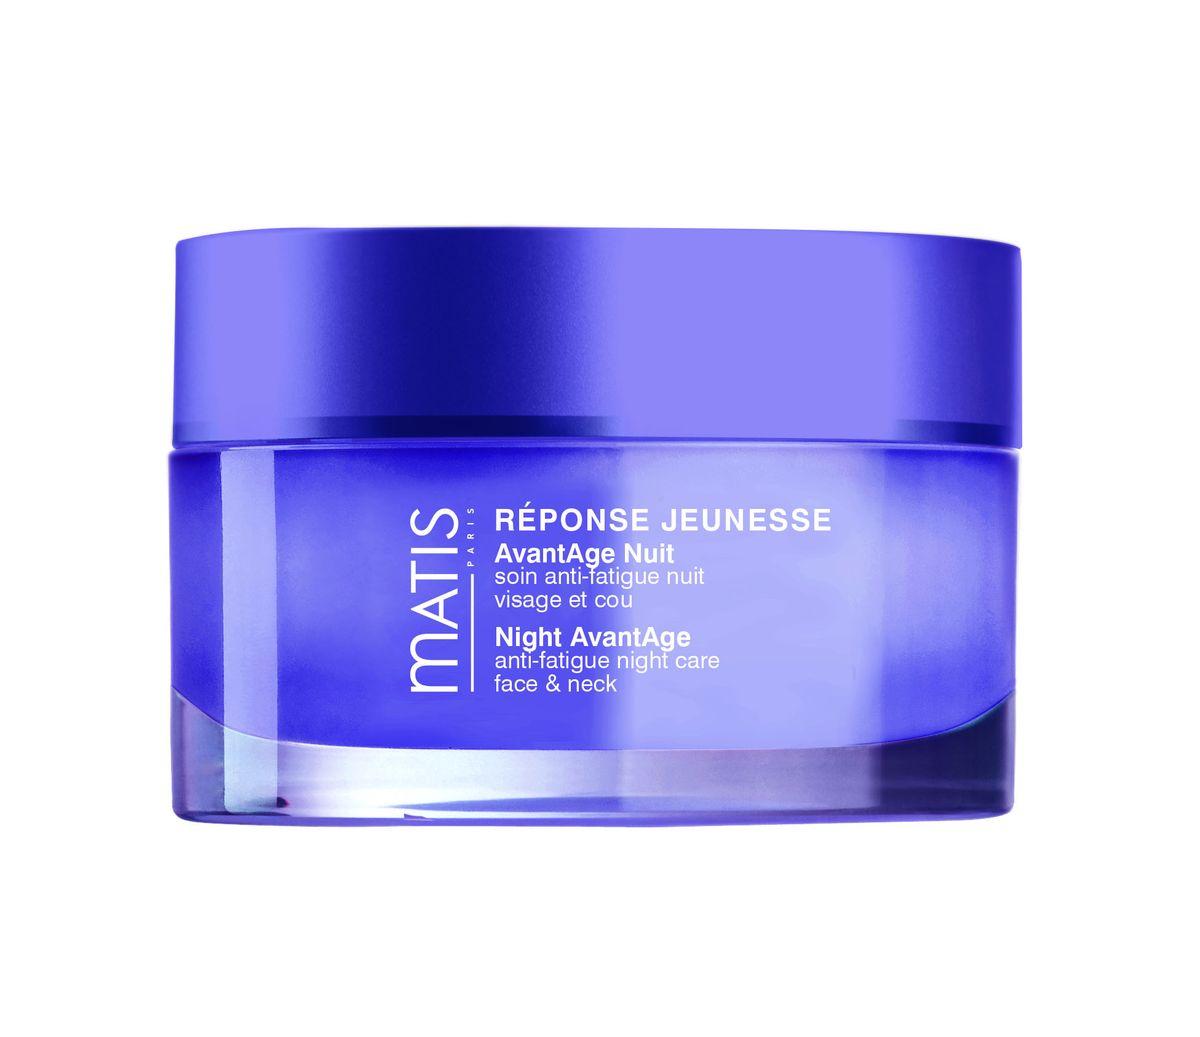 Matis Блеск Молодости Ночной крем предотвращающий старение кожи, 50 мл36492Уникальный ночной уход, который восстанавливает ресурсы кожи после перенесённой нагрузки в дневное время. Средство использует Ваш отдых ночью для стимулирования потенциала кожи и её естественных защитных функций, помогает бороться с признаками усталости и сохранить молодость кожи. Каждое утро: кожа свежая, отдохнувшая; черты лица расслаблены; Кожа выглядит более молодой. Комплекс ChronoSkin - восстанавливает и защищает кожу от негативных последствий, вызванных гликацией; Способствует регенерации и клеточному обновлению.Комплекс ChronoSkinНаносить вечером на очищенную кожу лица и шеи.